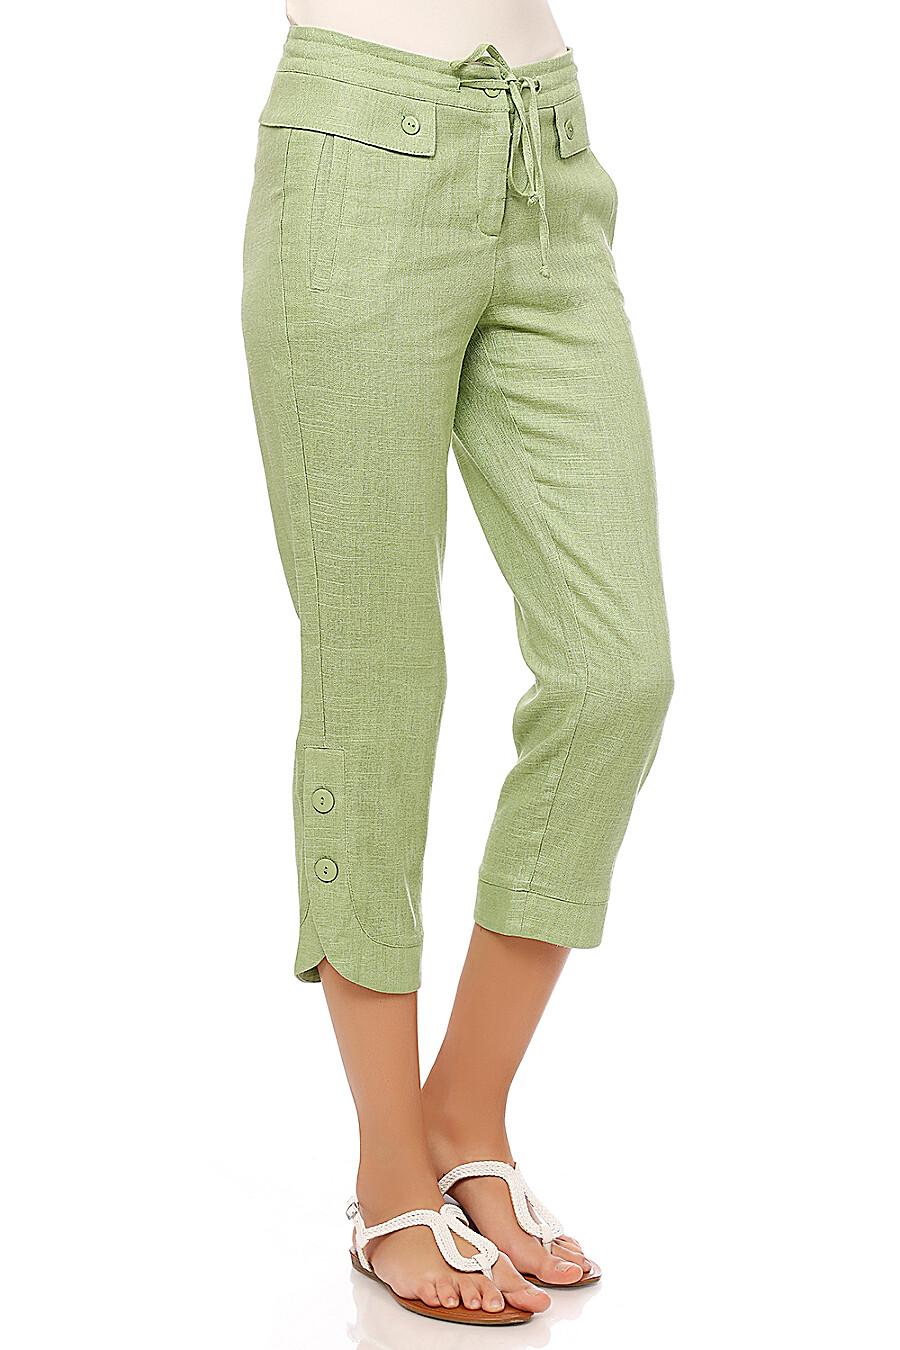 Капри для женщин AM One 90532 купить оптом от производителя. Совместная покупка женской одежды в OptMoyo